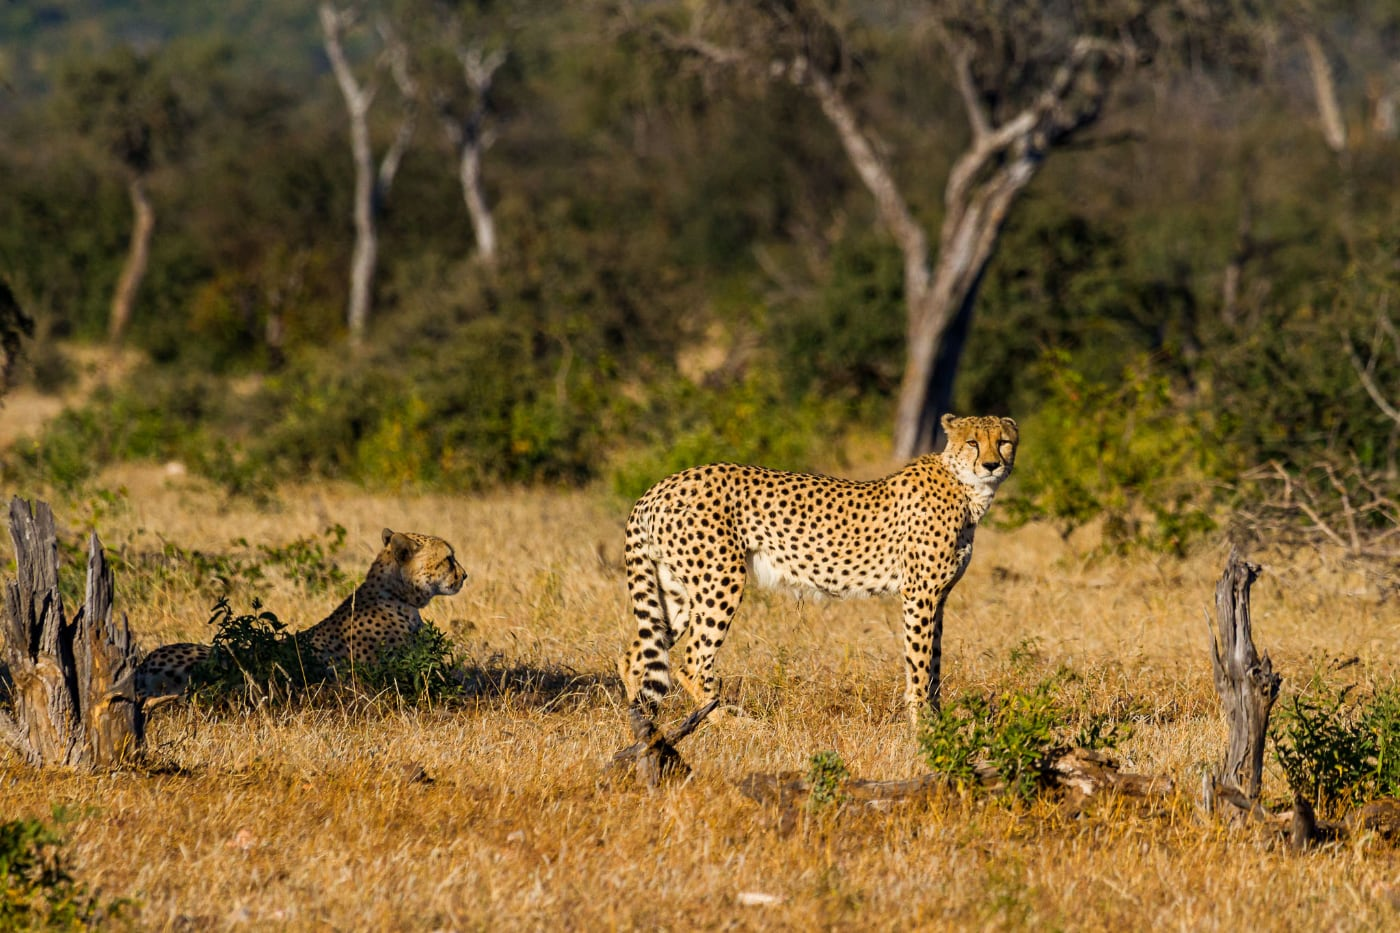 foto: © De Fotoreisshop - tijgers in hun habitat